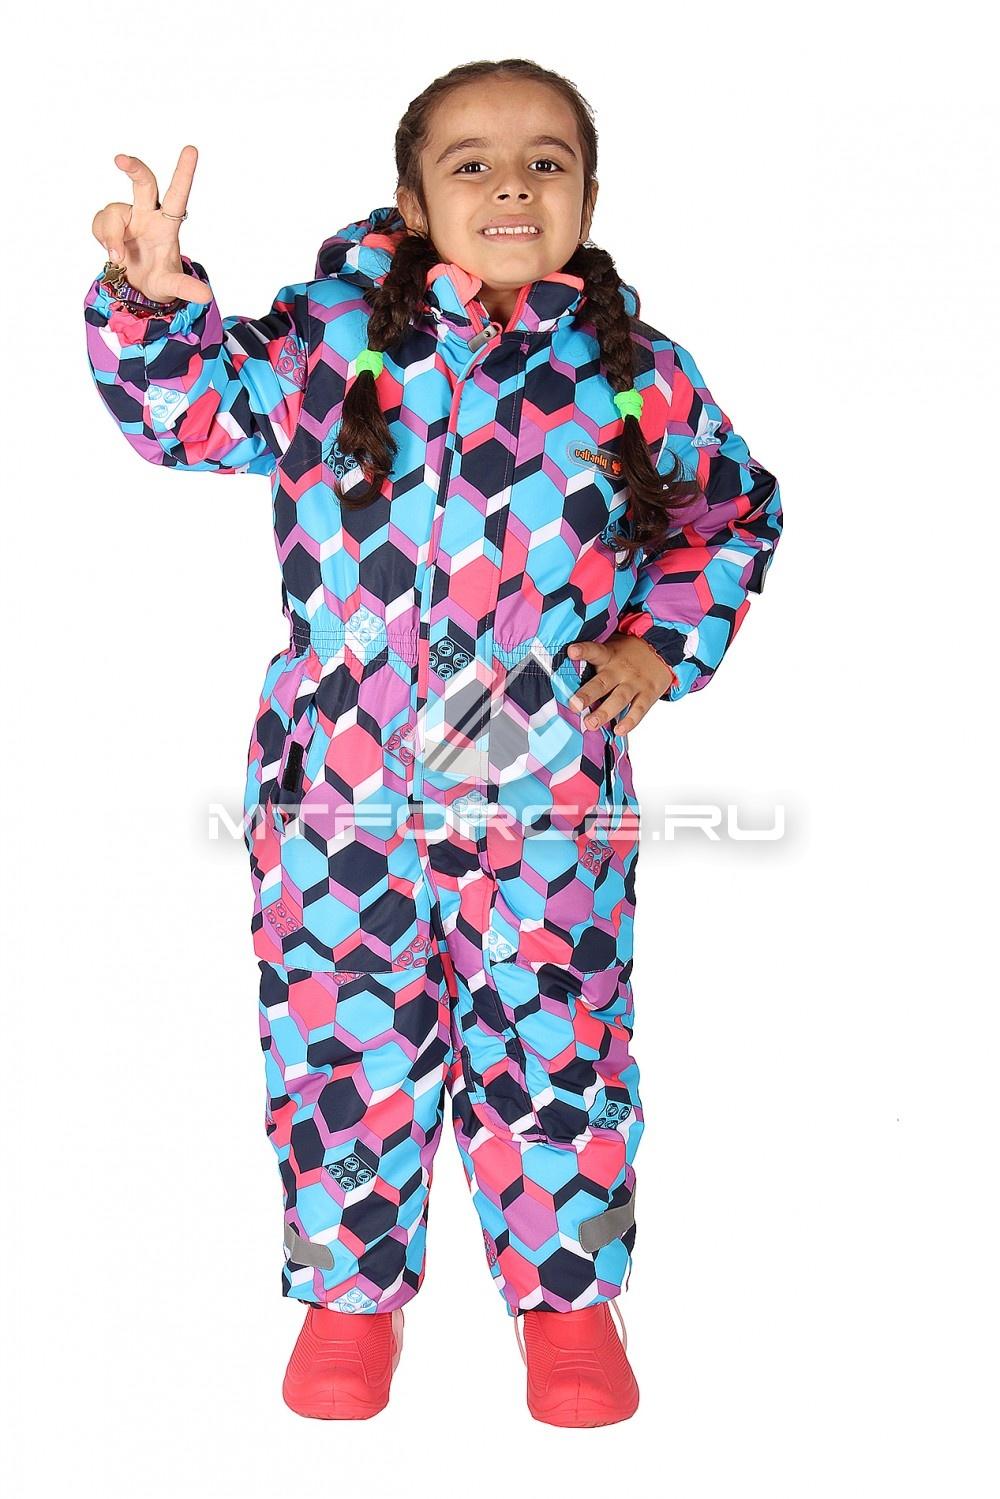 Купить                                  оптом Комбинезон горнолыжный детский фиолетового цвета 6102F